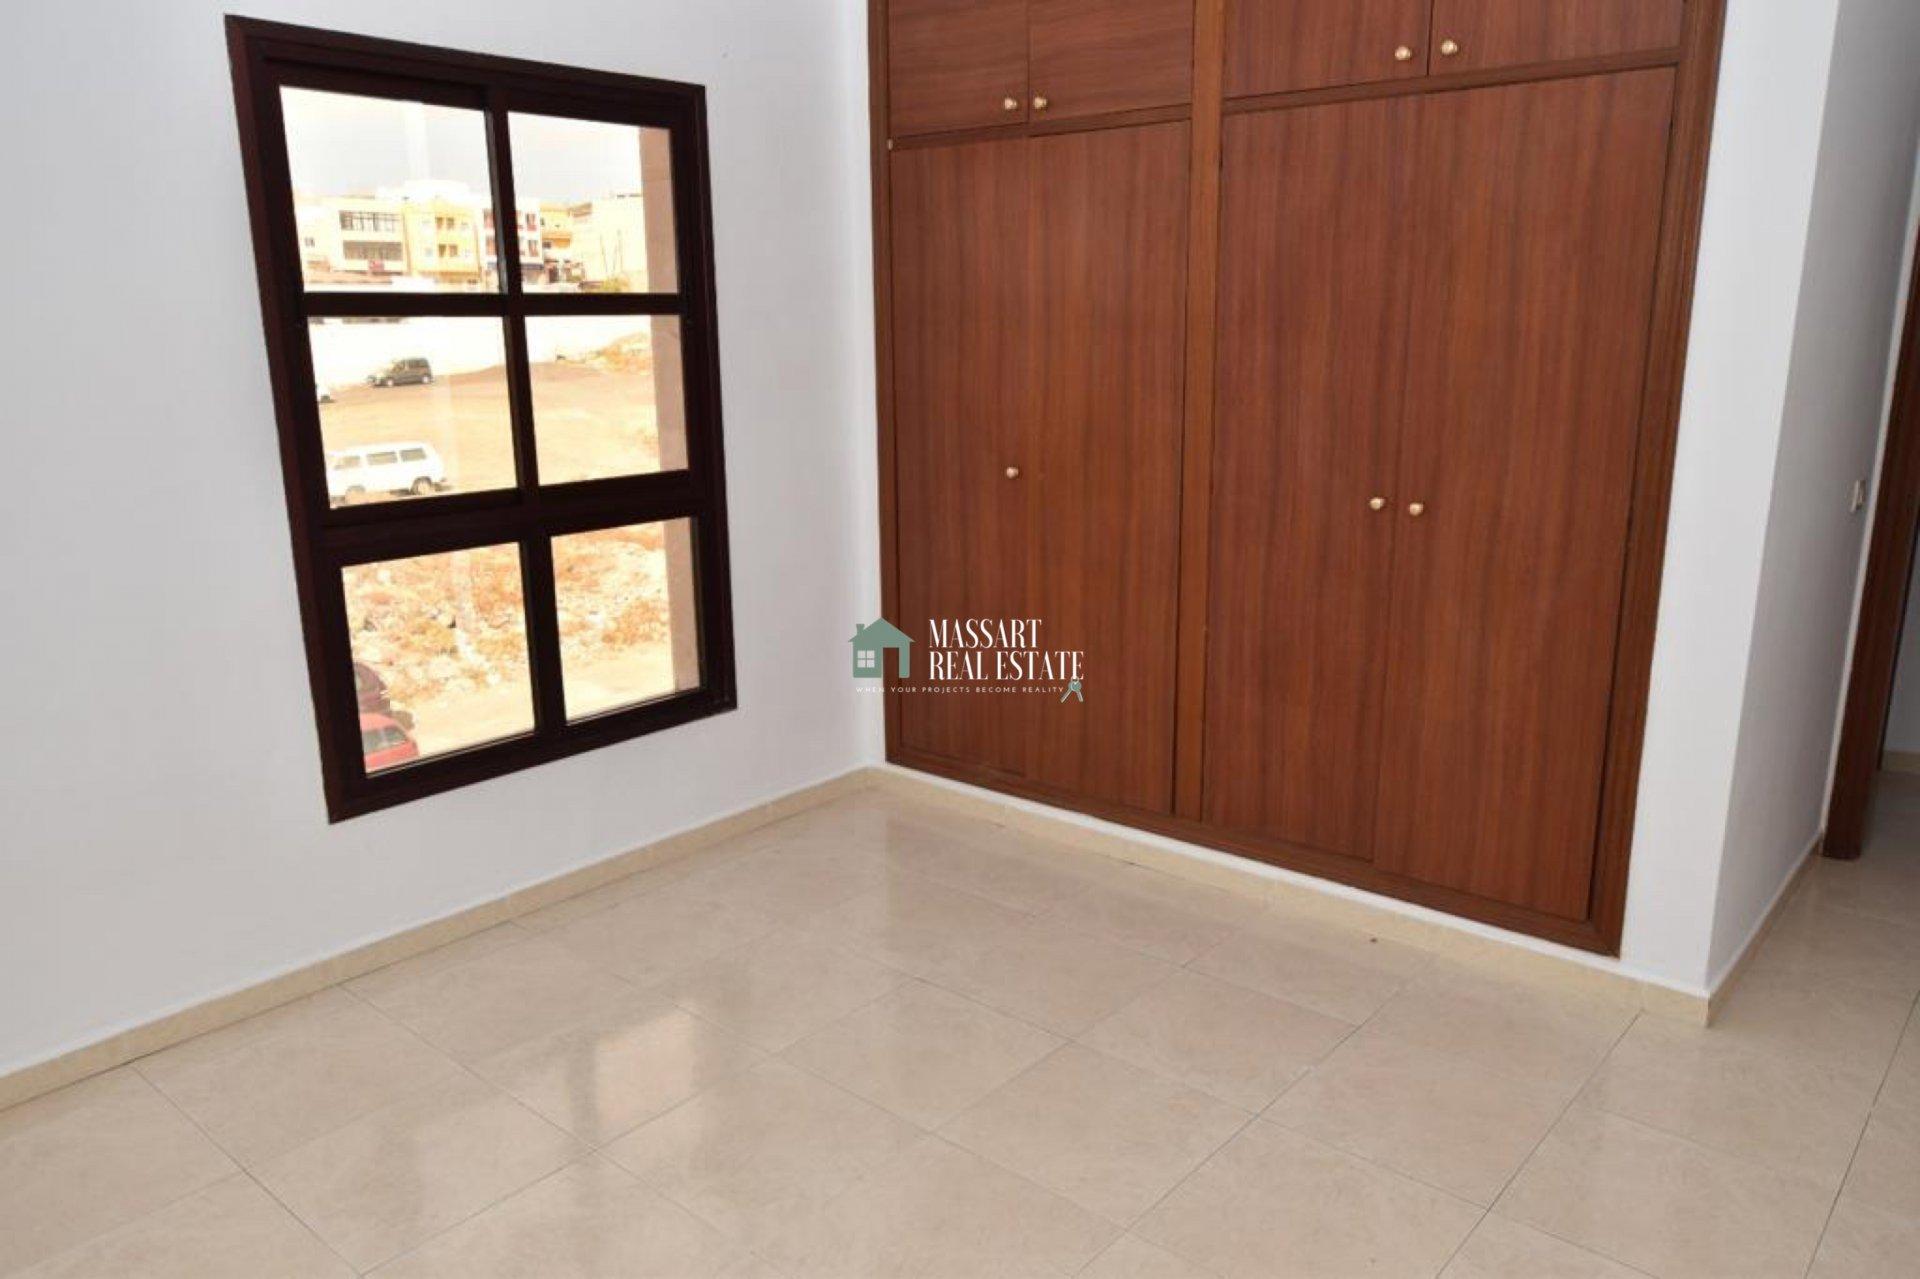 Appartement spacieux de 100 m2 situé dans un quartier central de San Isidro ... idéal comme résidence régulière ou investissement!